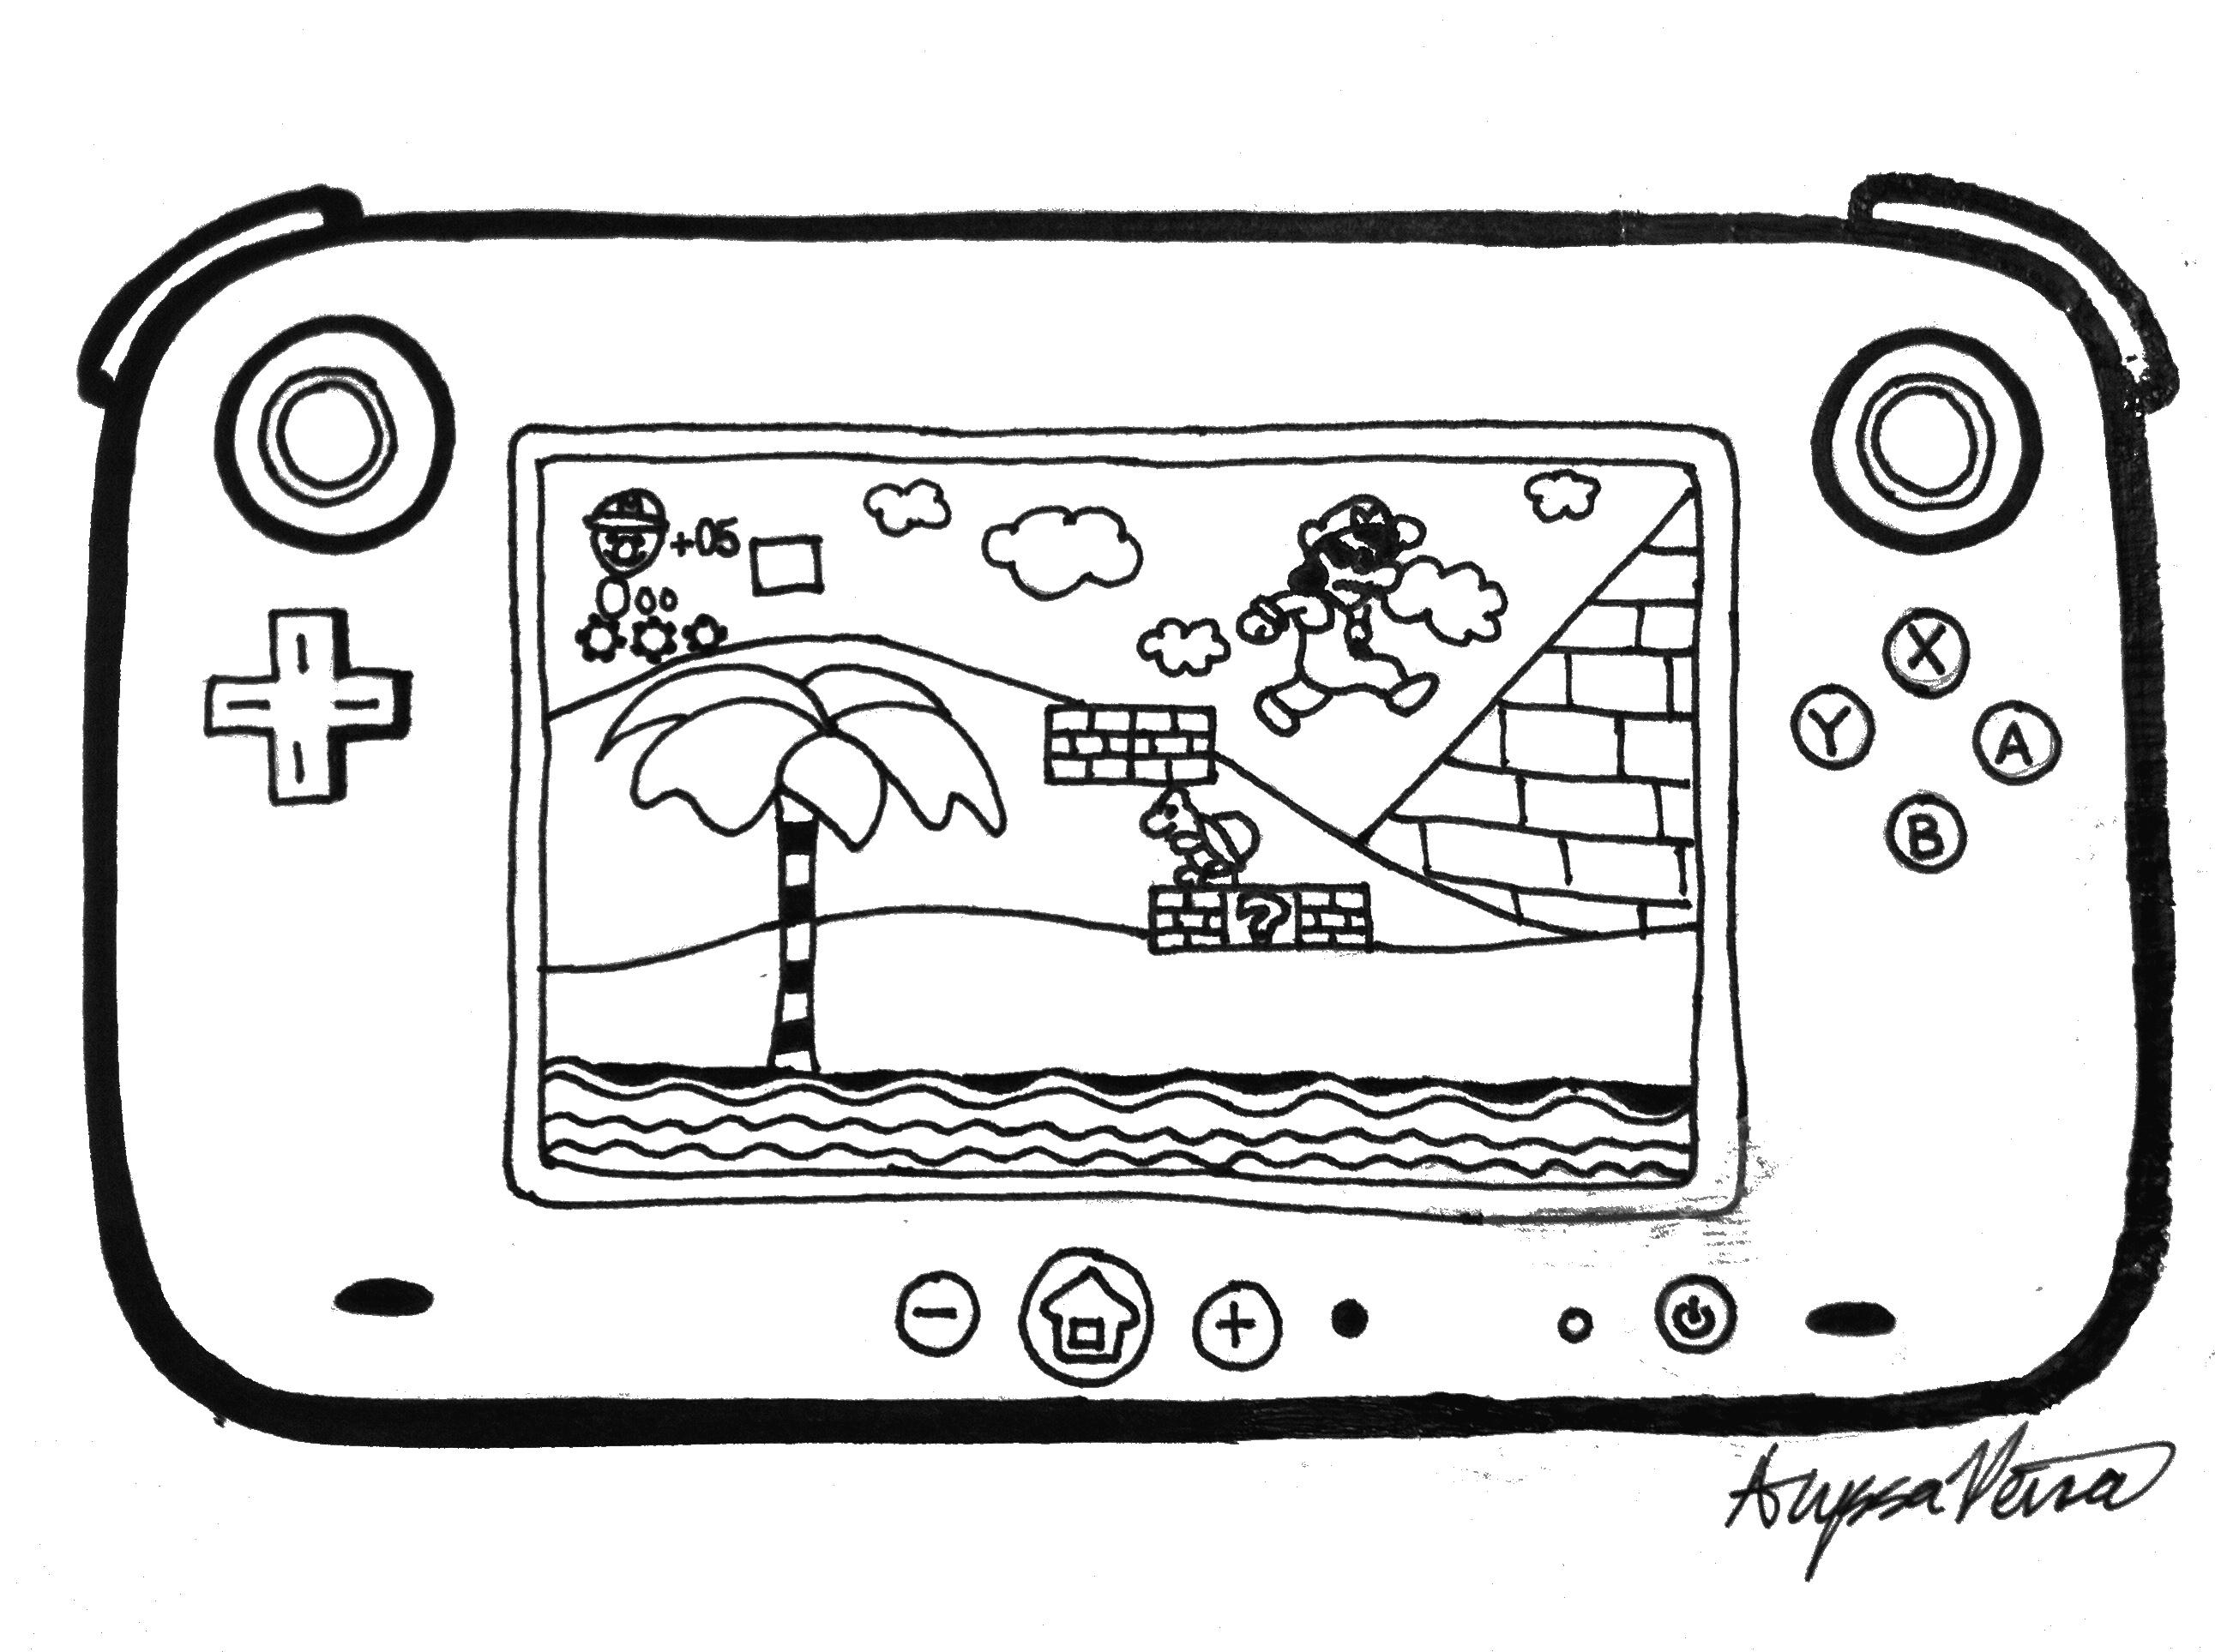 Wii U Home